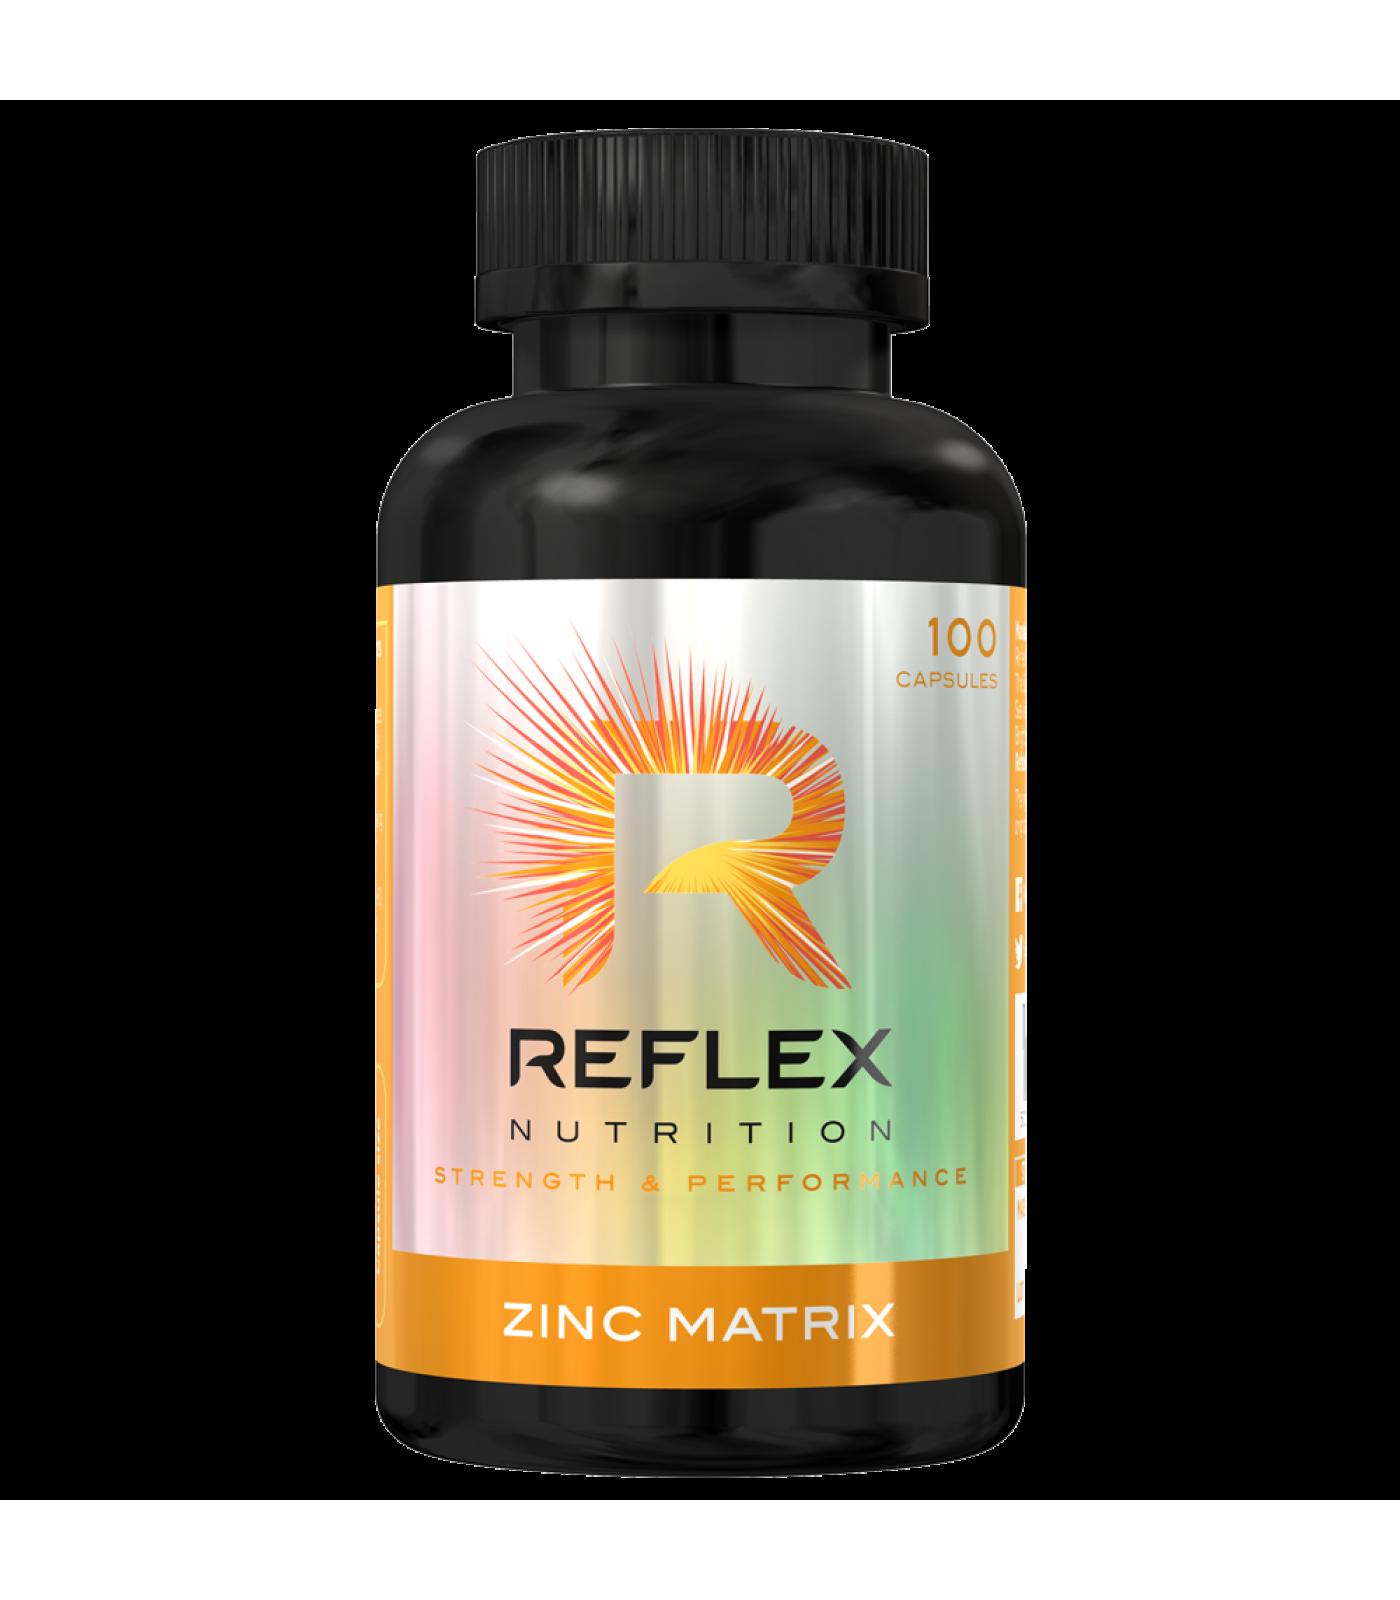 Reflex - Zinc Matrix  / 100 caps